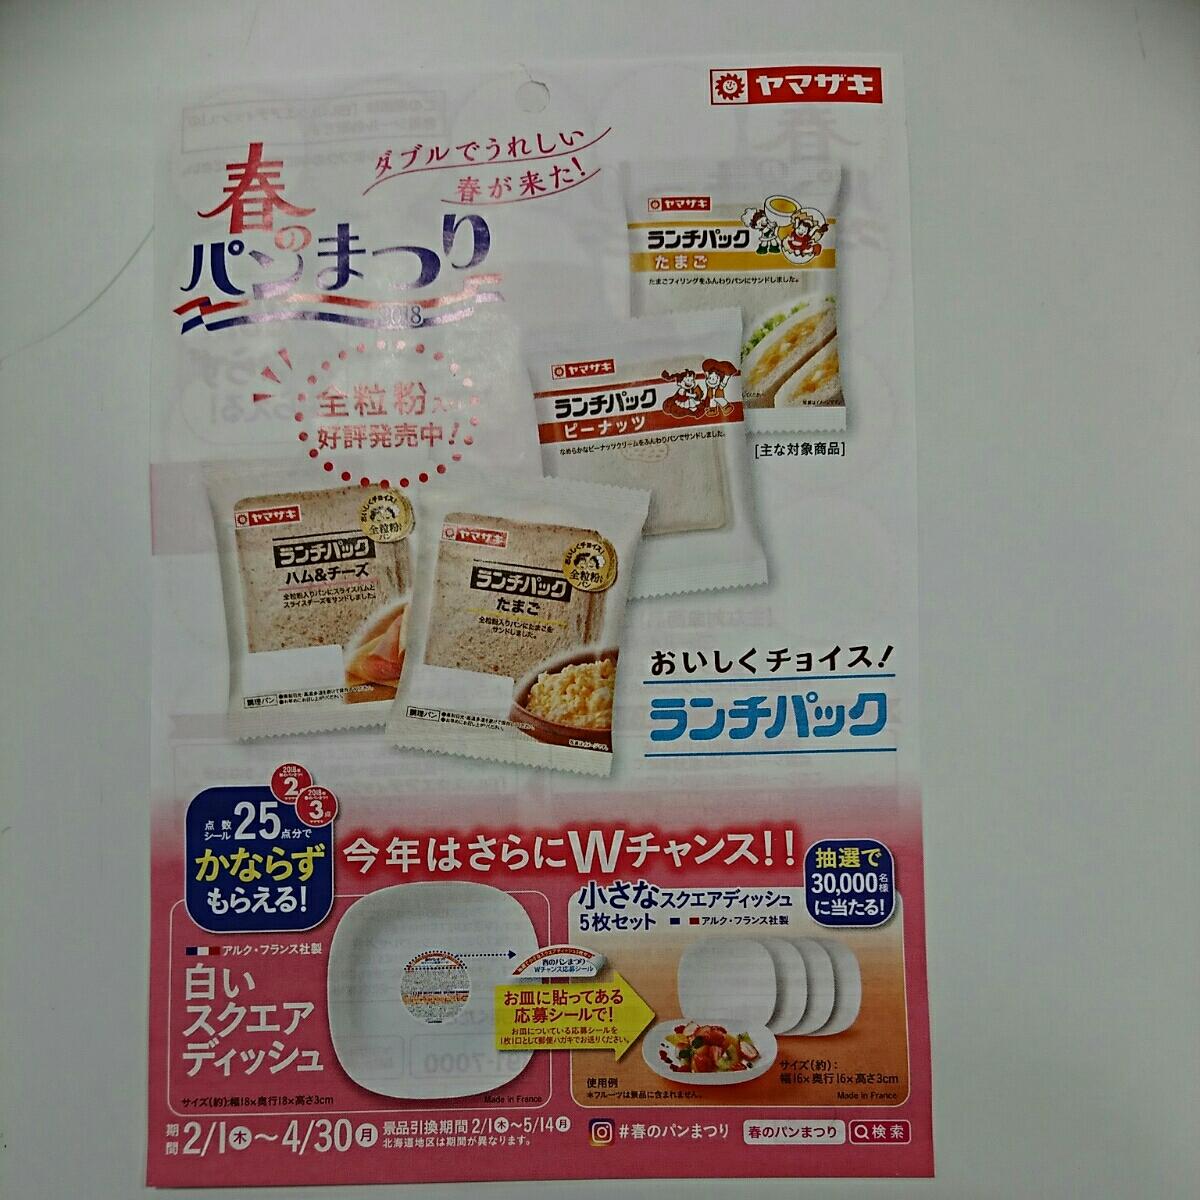 ☆ヤマザキ☆春のパン祭り点数シール125点 5皿分台紙貼付済_画像2